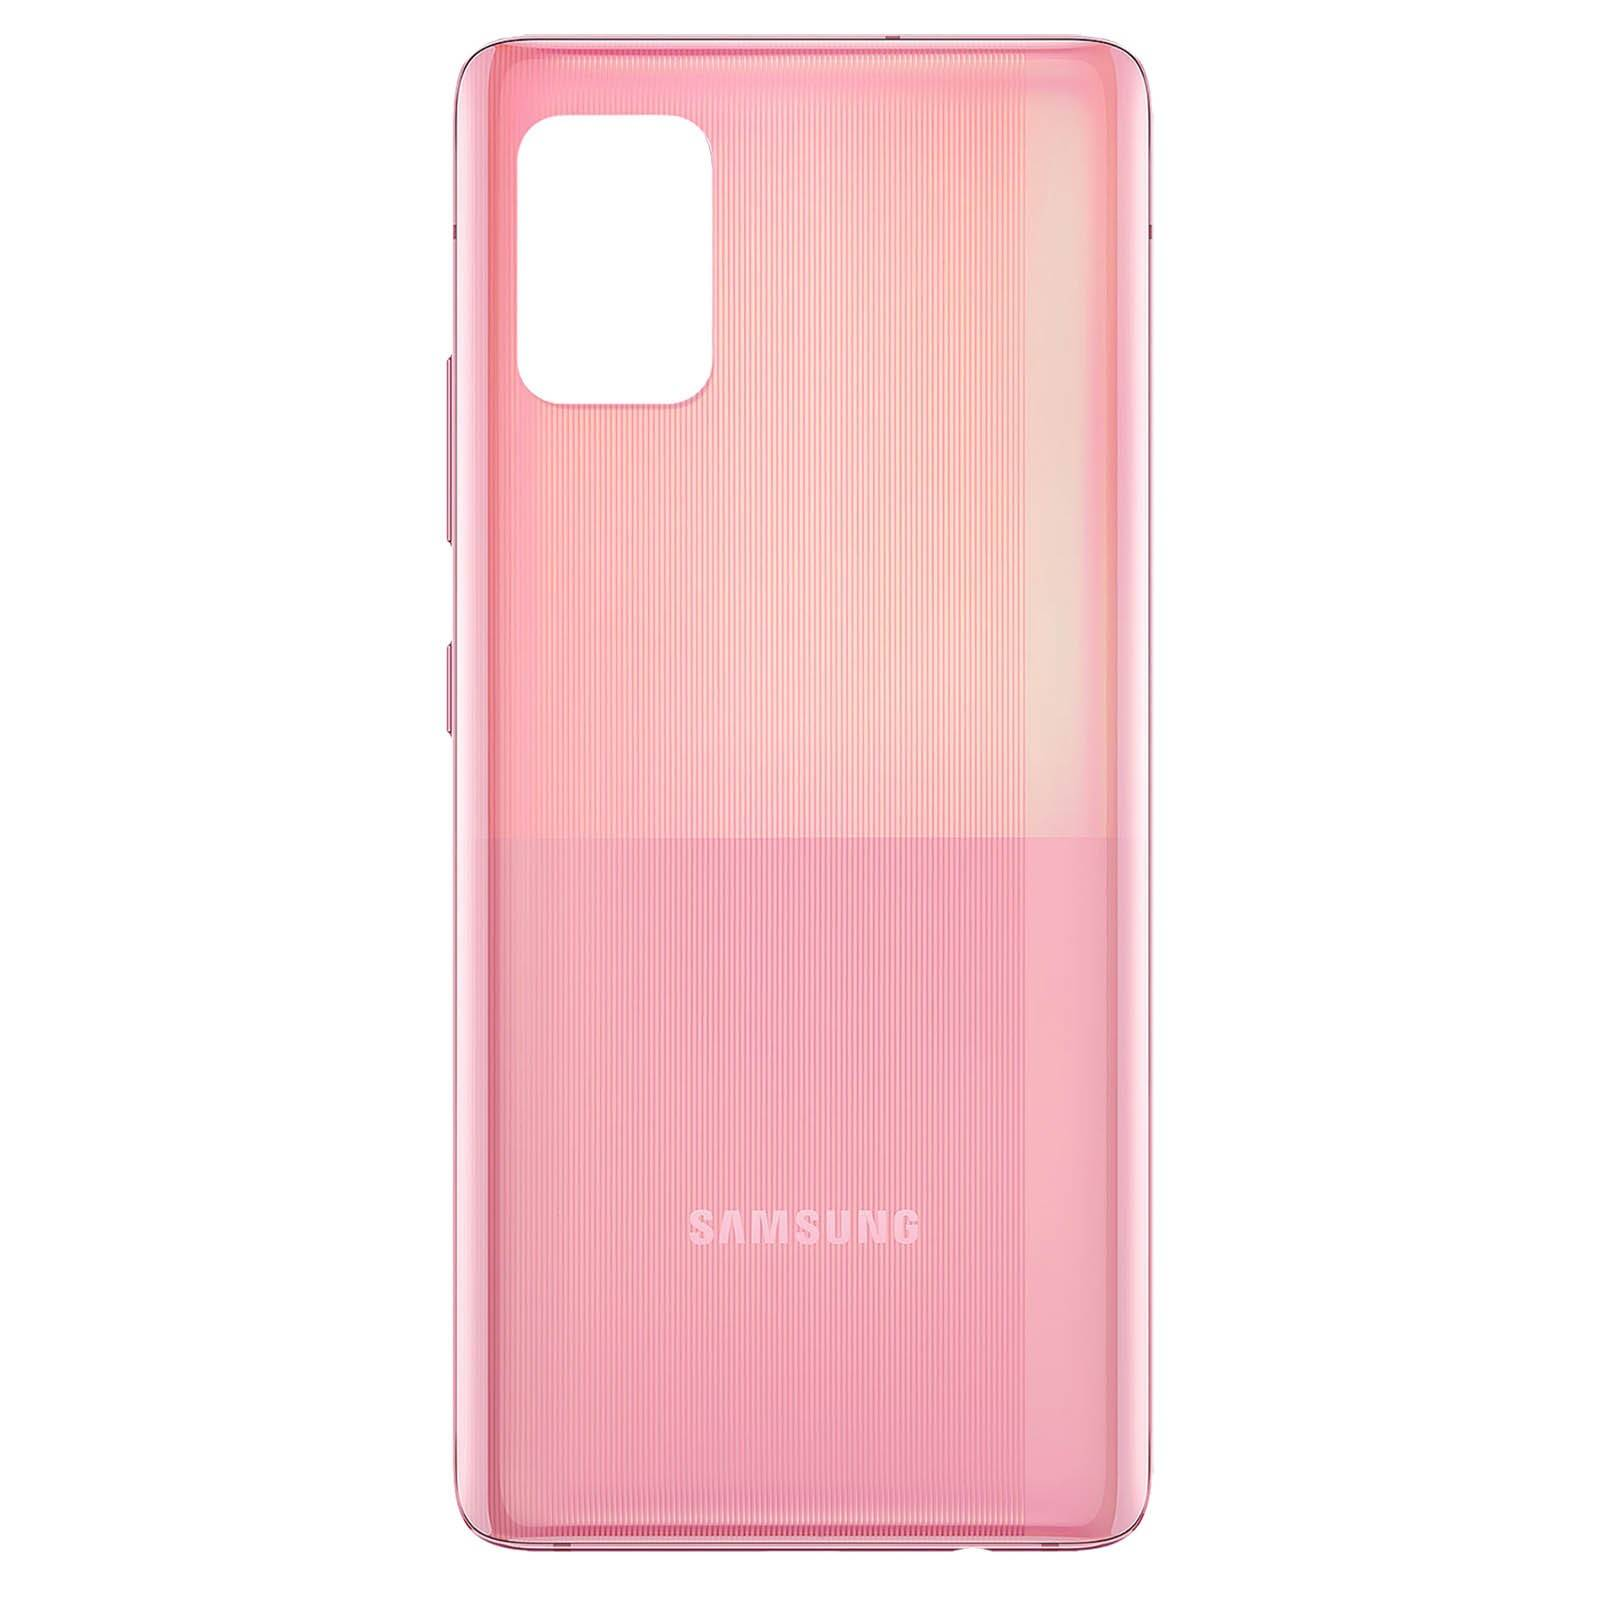 DIGITAL BAY Copri Batteria Ricambio Cover Scocca Retro Per Samsung Galaxy A51 A515 Rosa